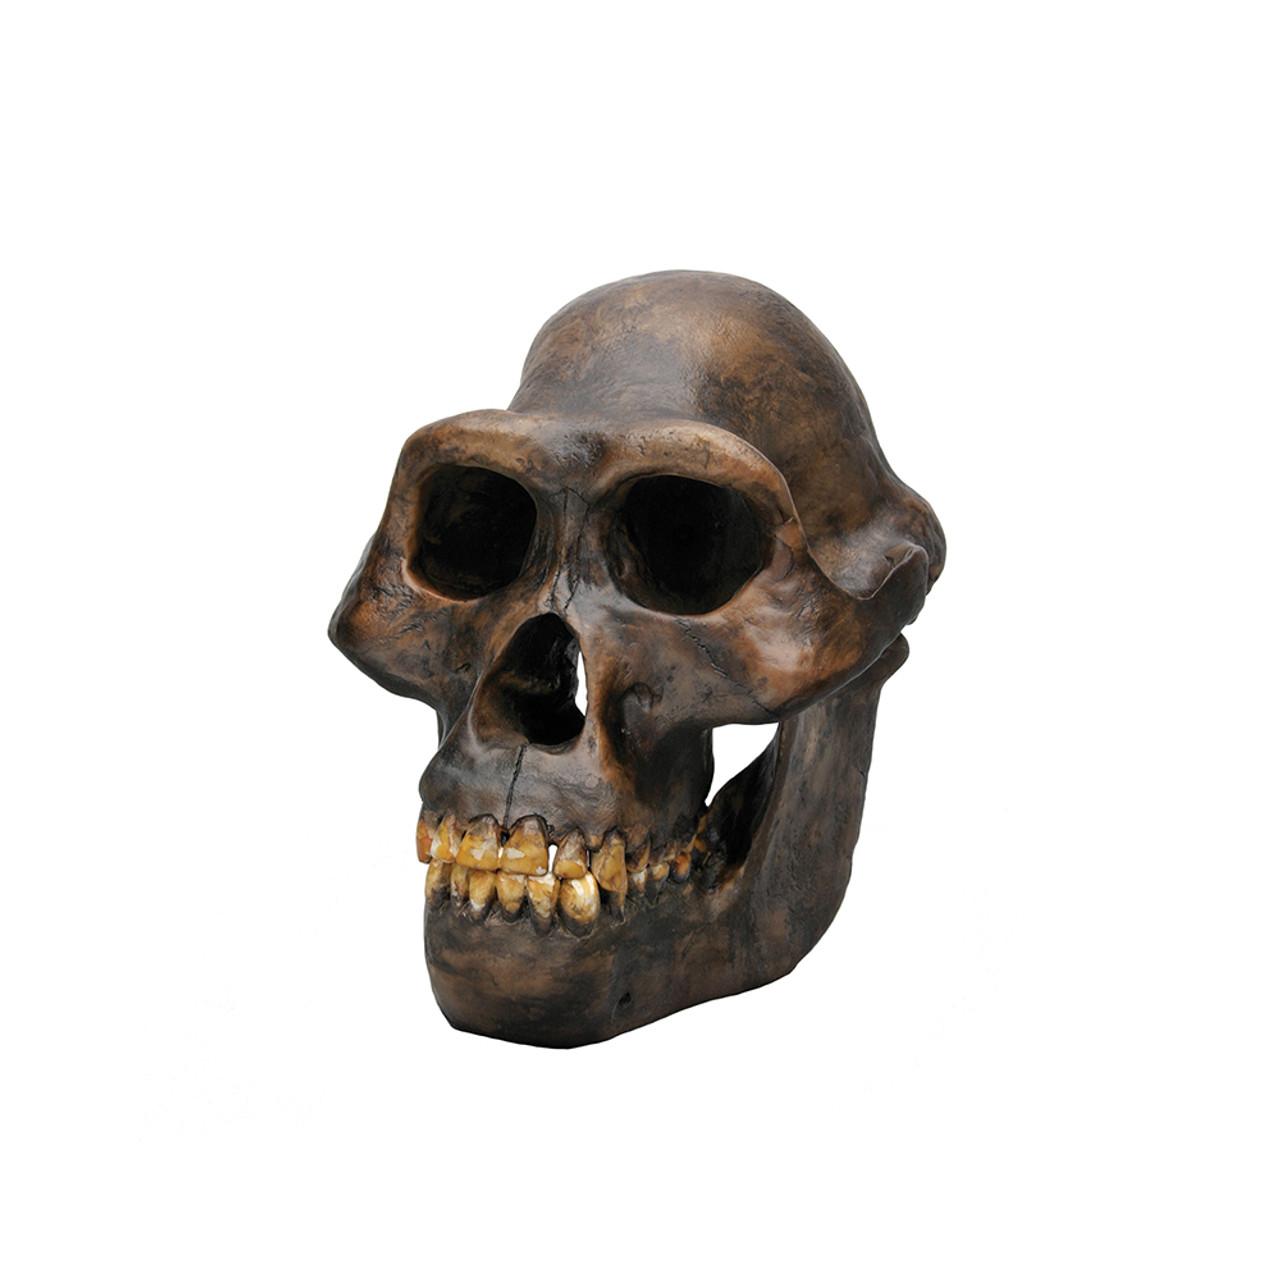 BH001 - Australopithecus afarensis